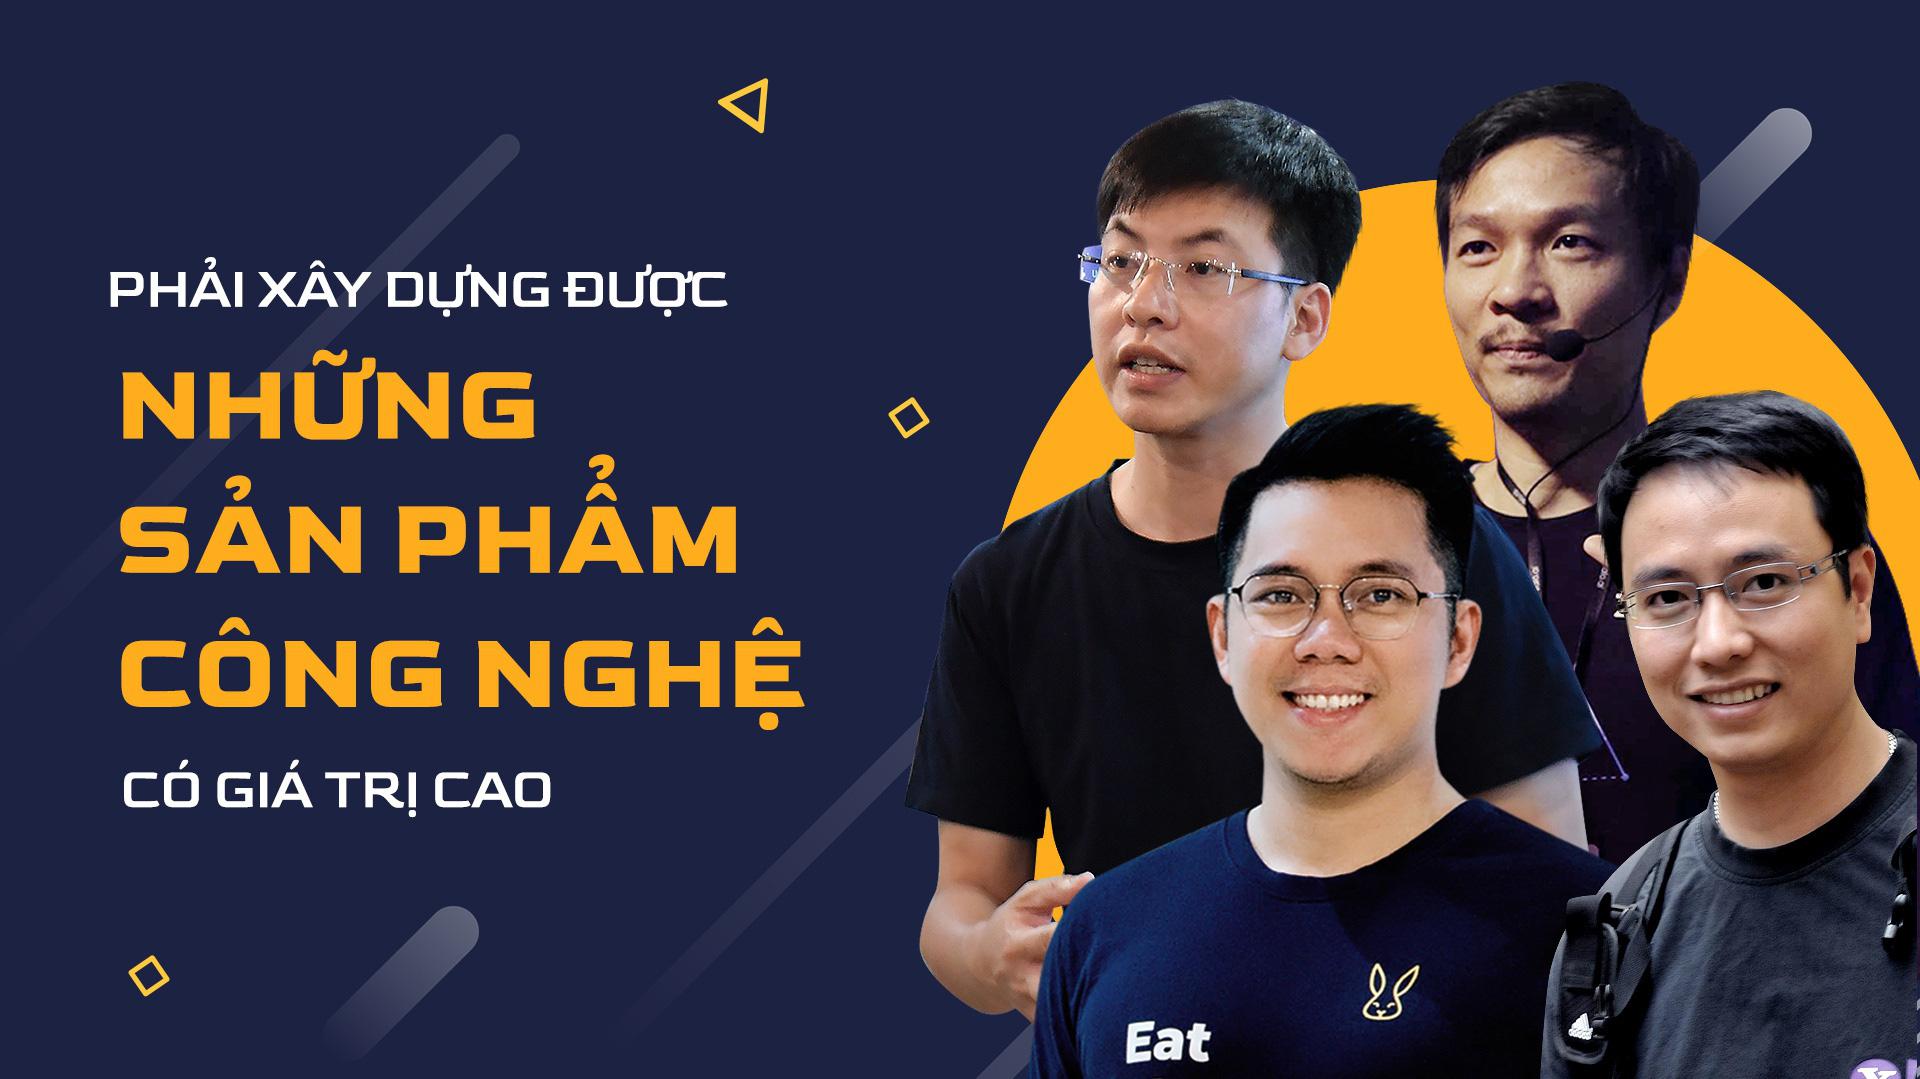 Startup Việt hiến kế phát triển công nghệ, đổi mới sáng tạo - Ảnh 2.